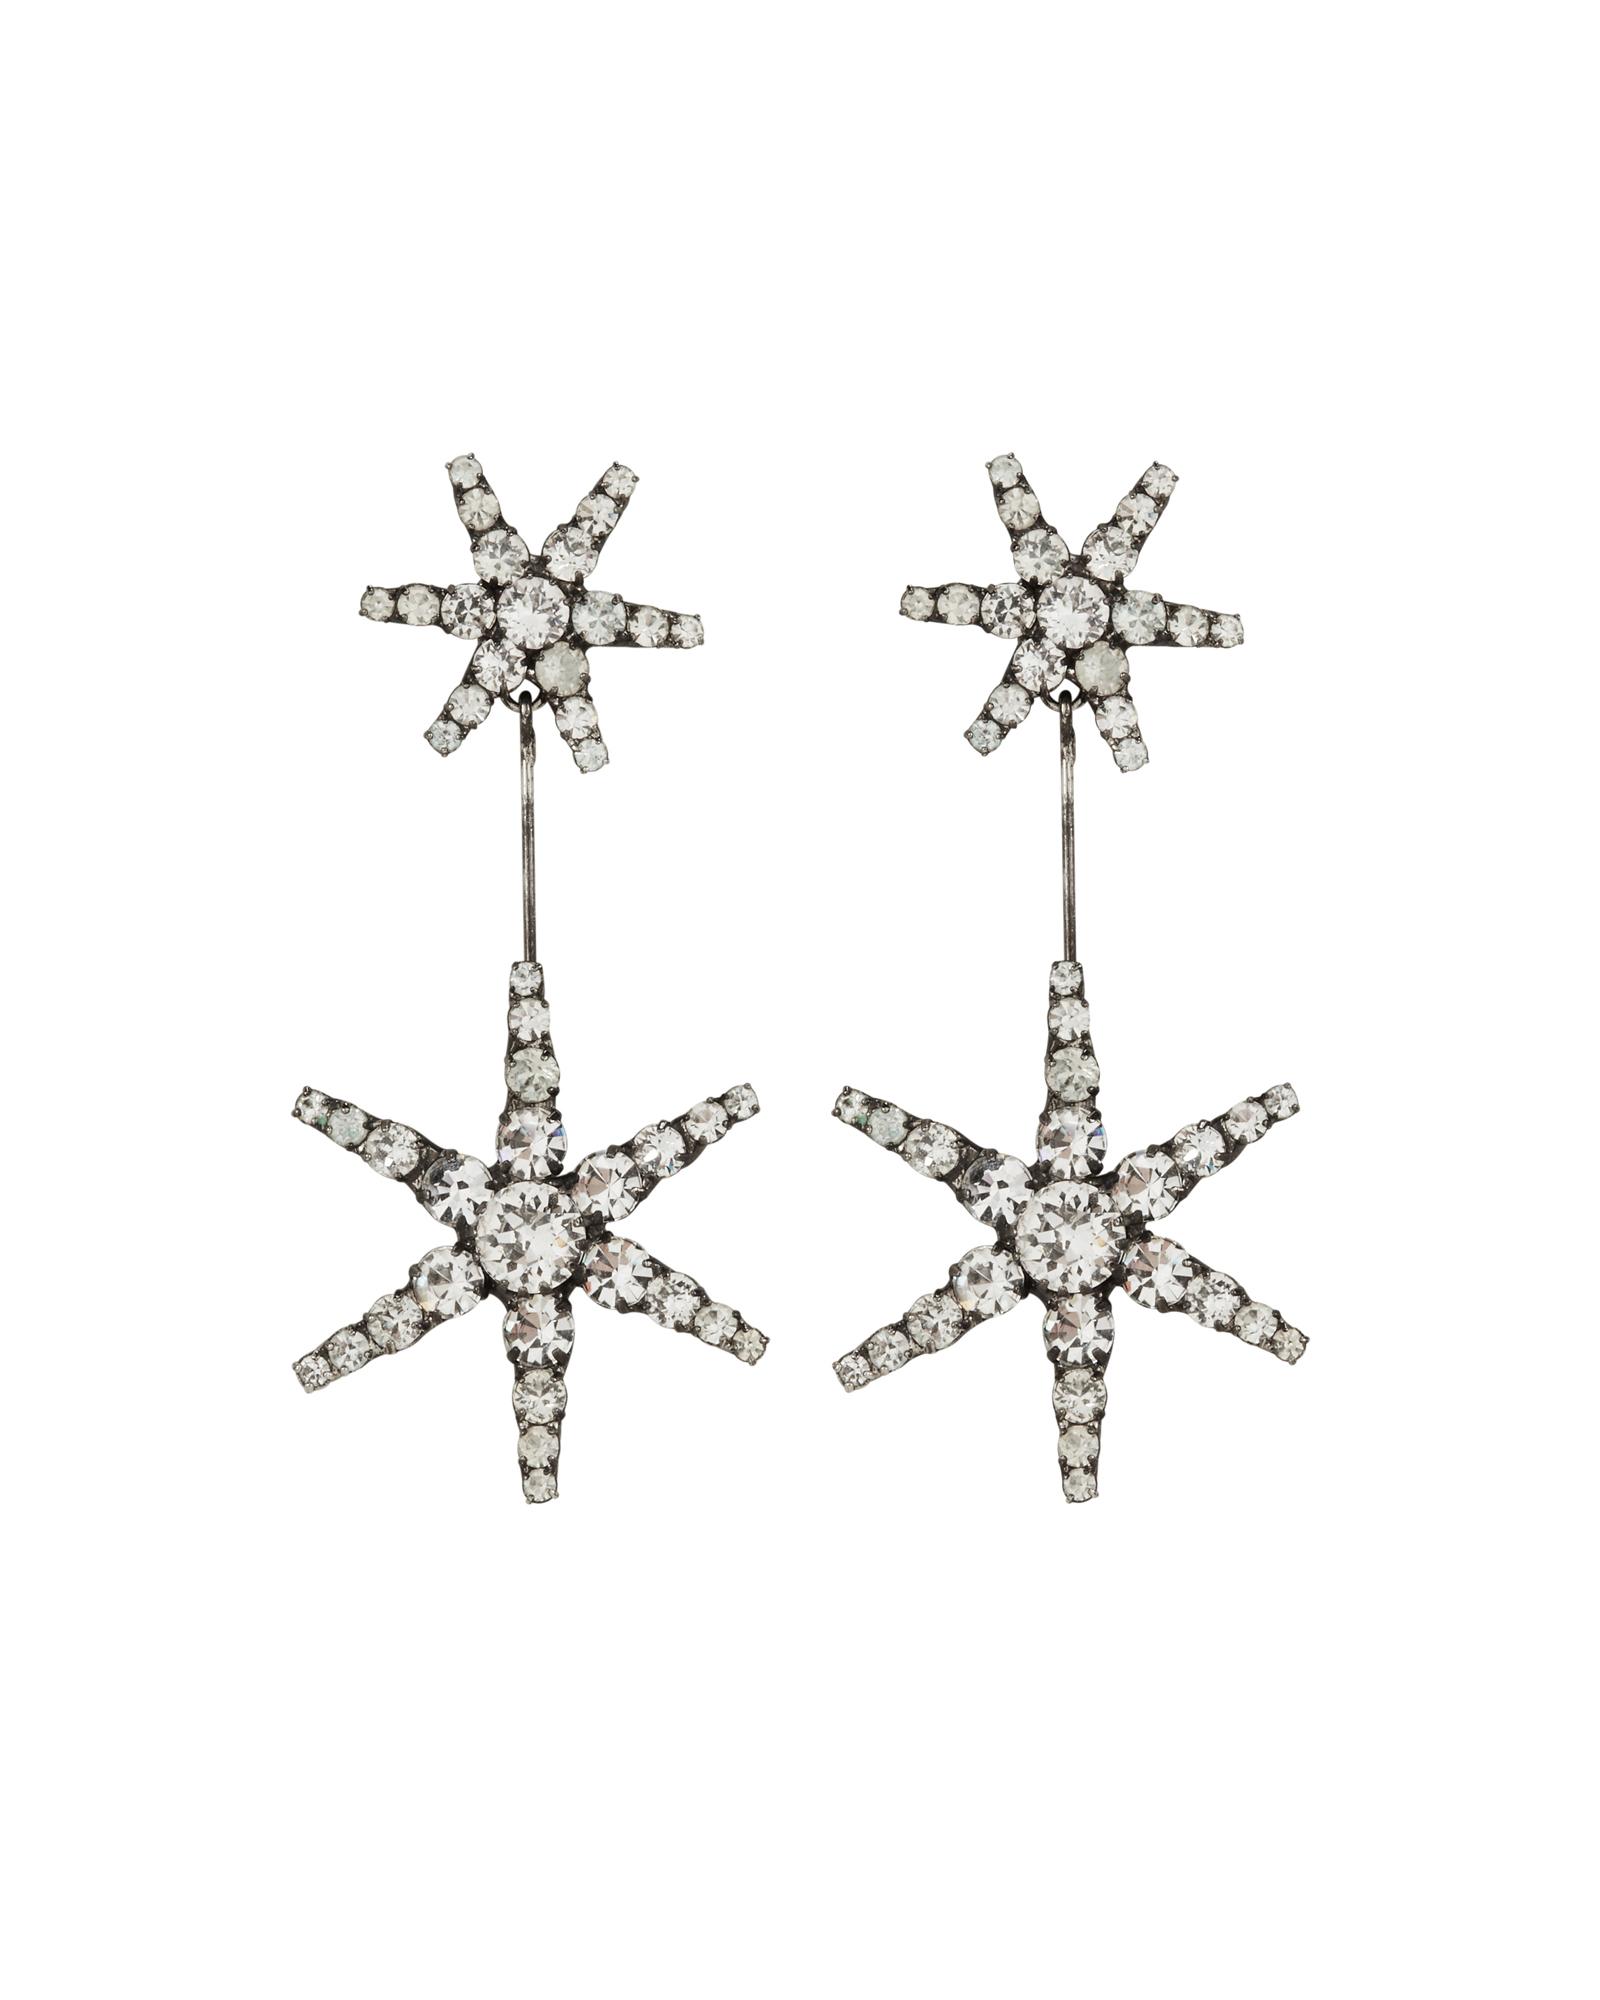 Estee Crystal Drop Earrings by Jennifer Behr